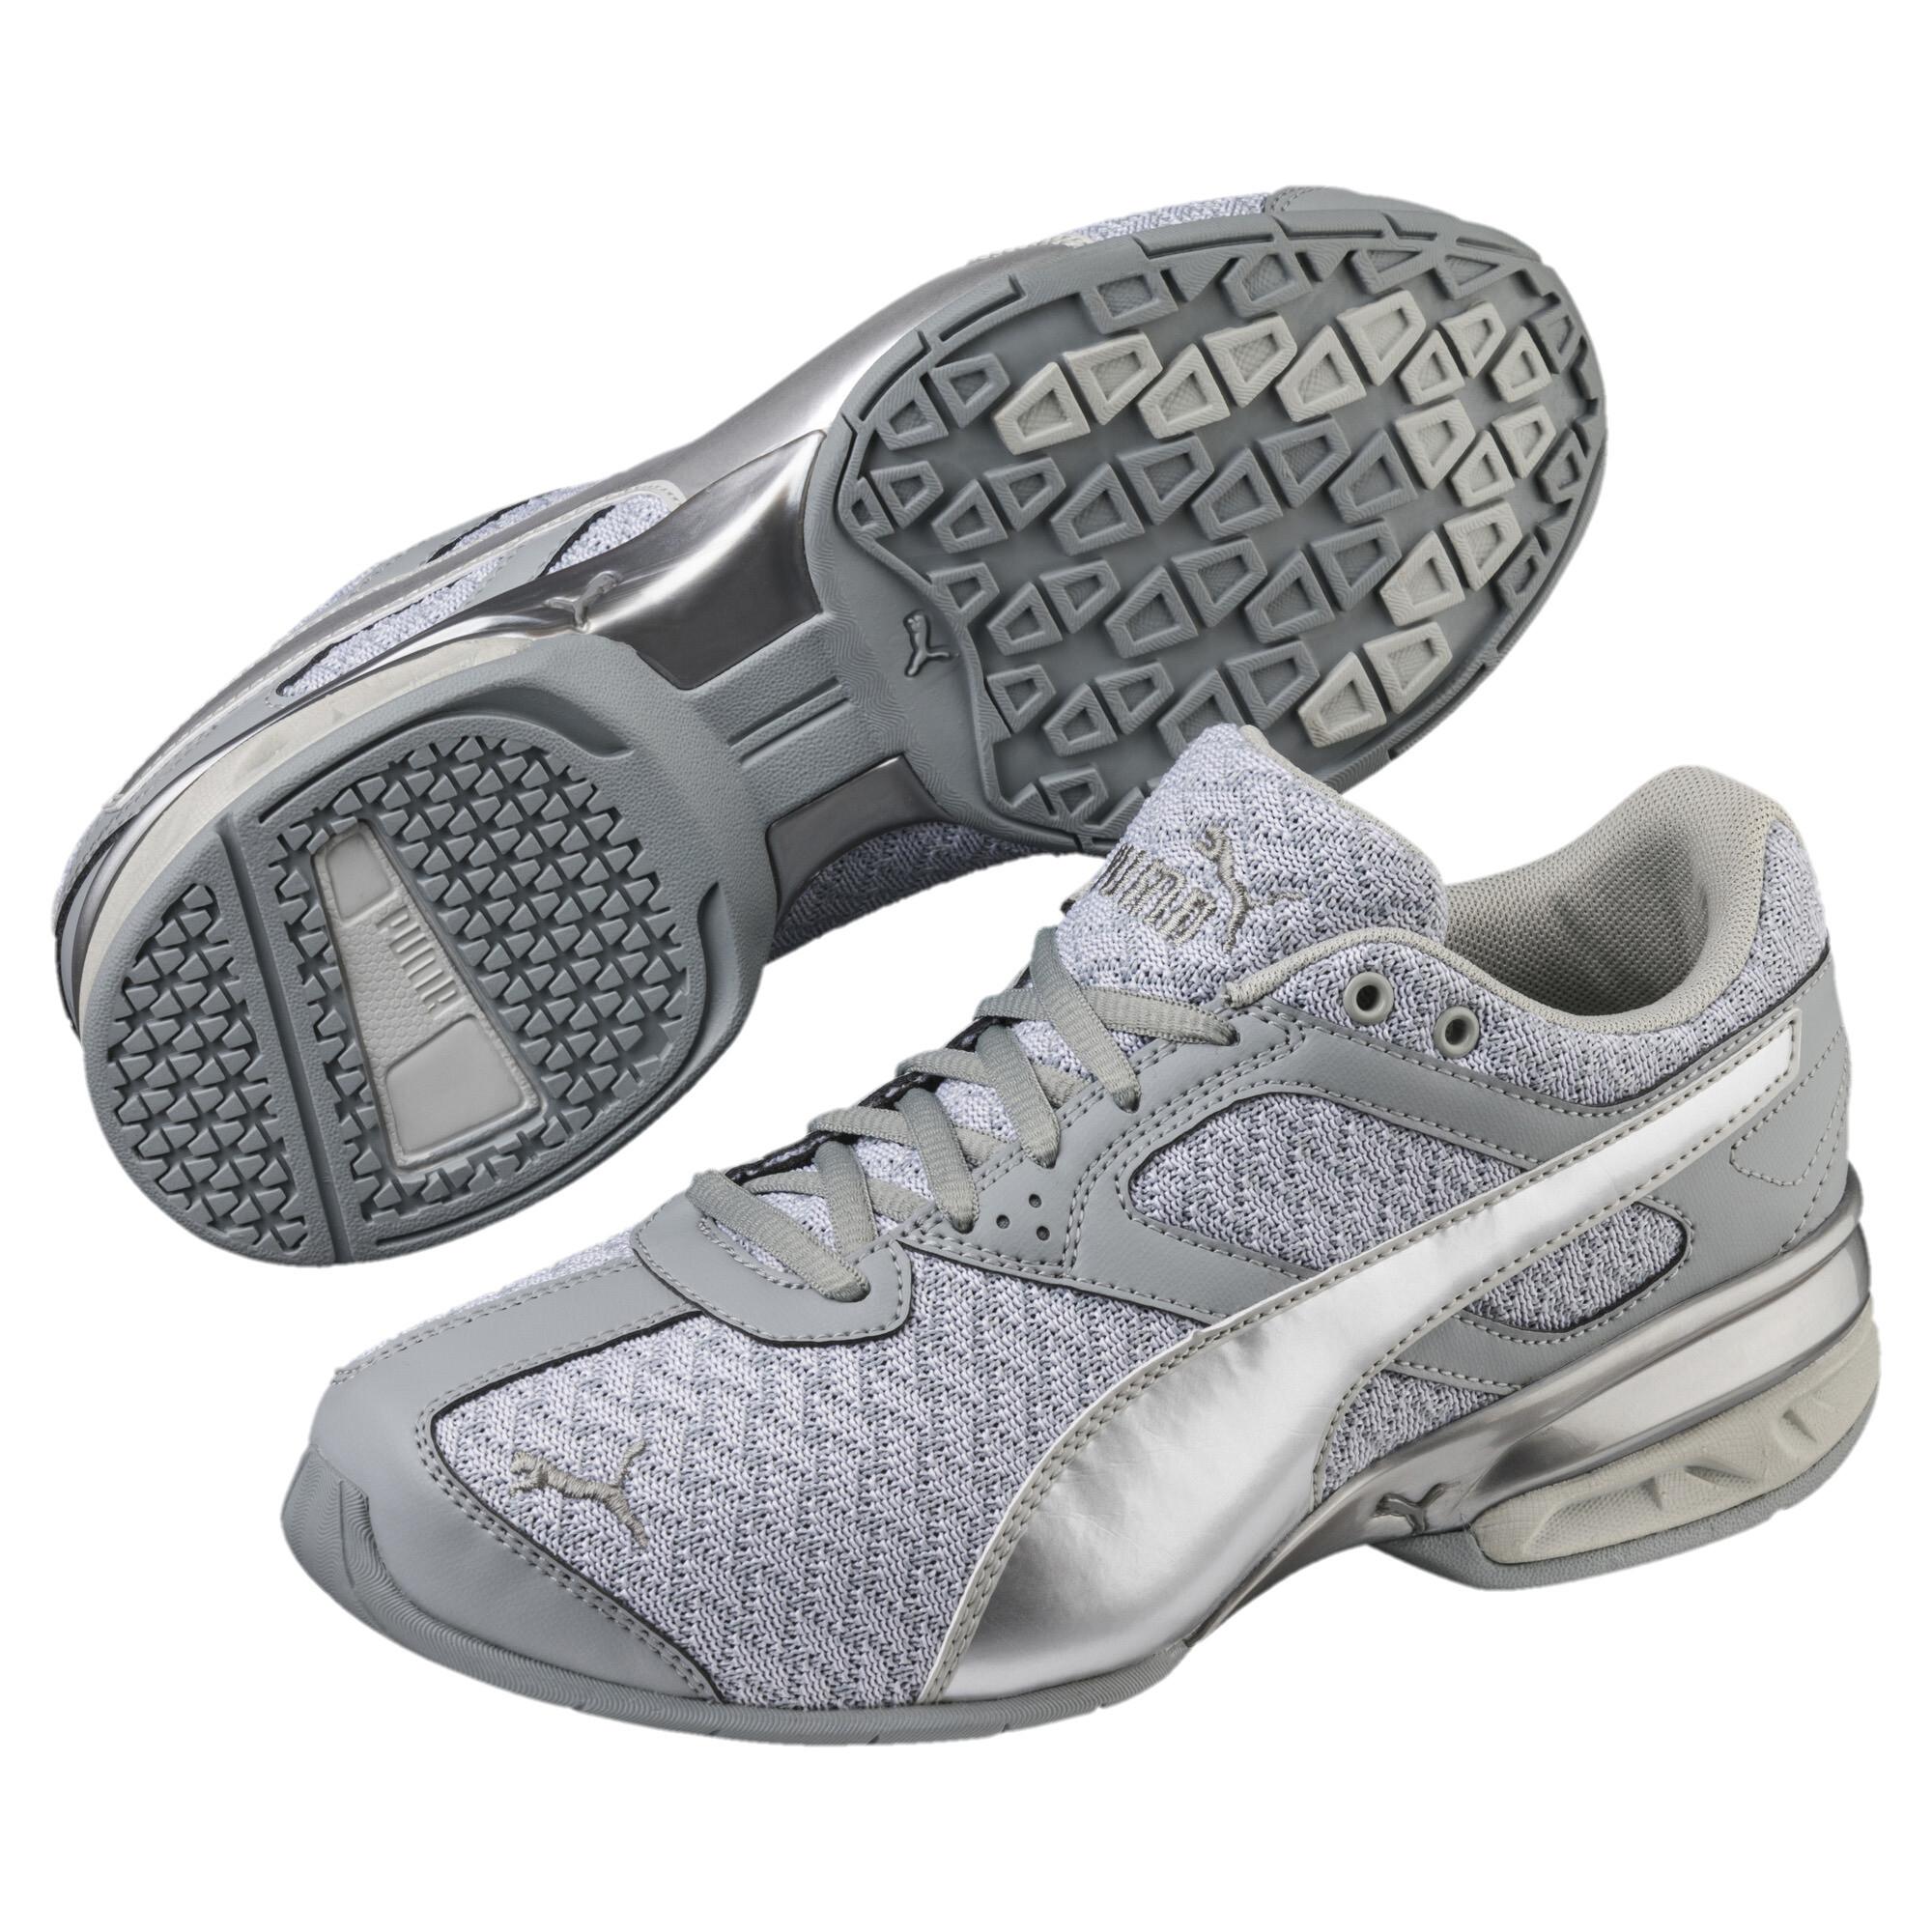 PUMA-Tazon-6-Luxe-Women-039-s-Sneakers-Women-Shoe-Running thumbnail 7